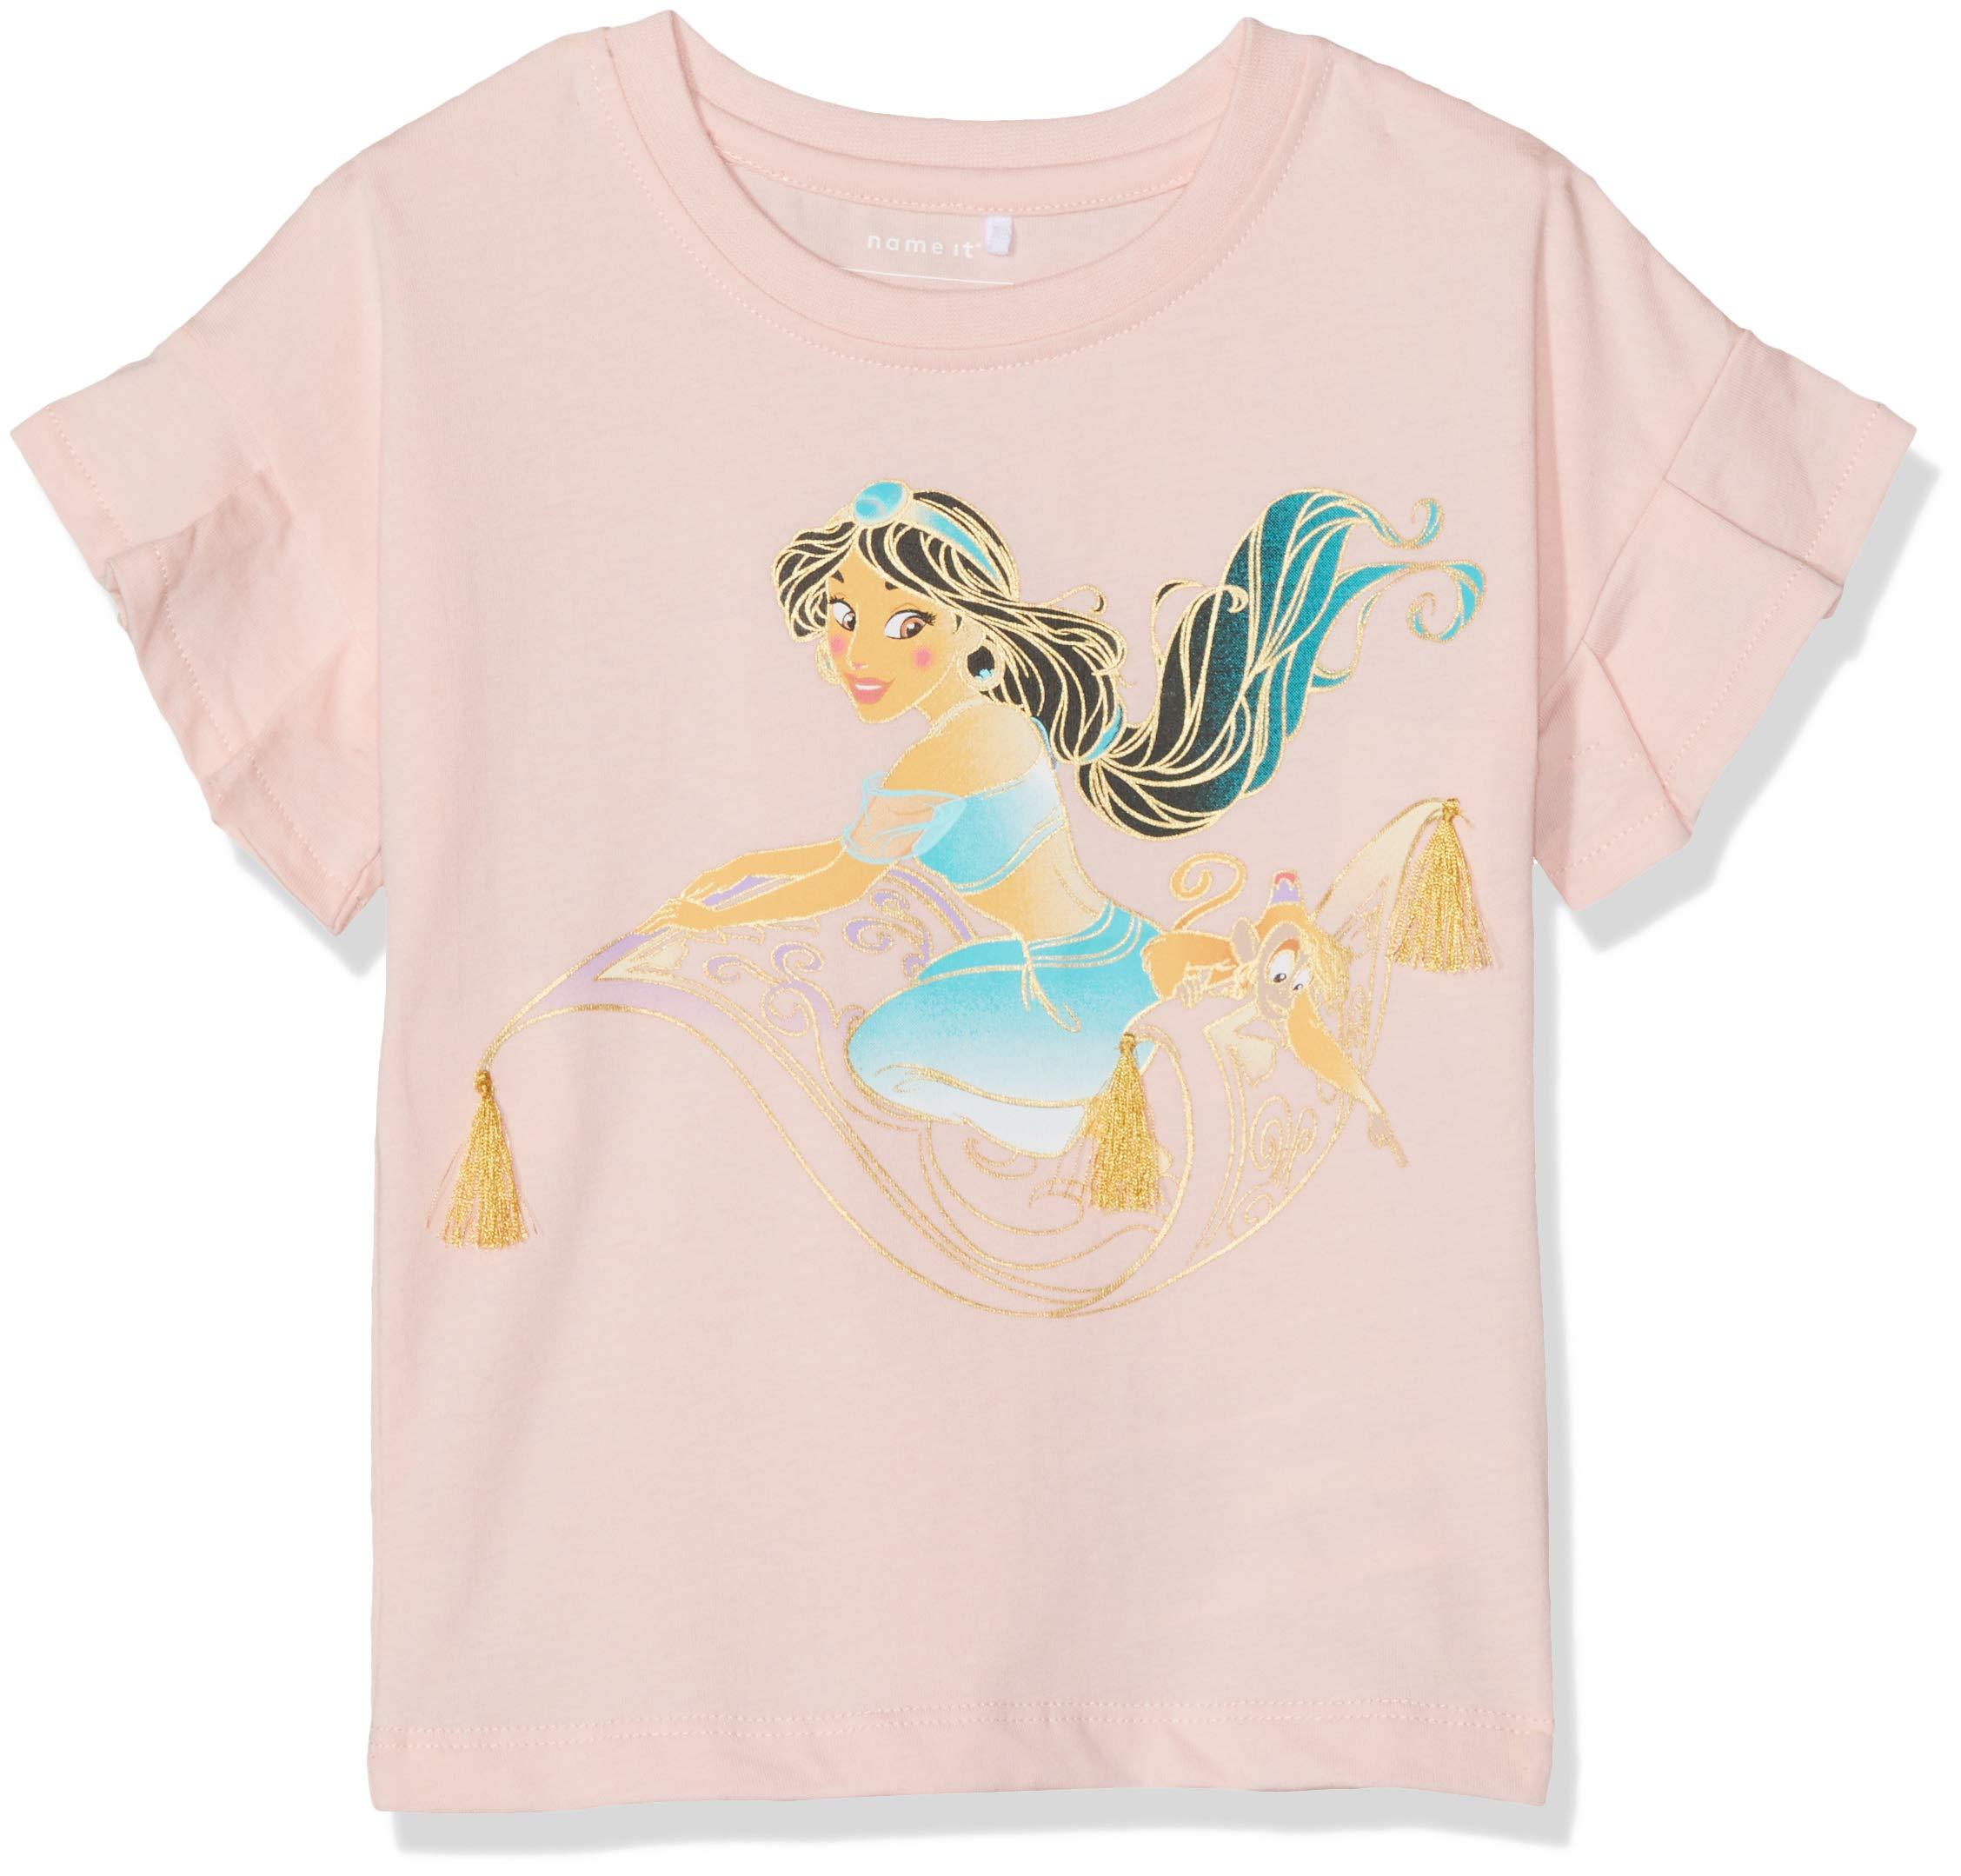 NAME IT Nmfaladdin Jasmin SS Top Wdi Camiseta para Bebés 1